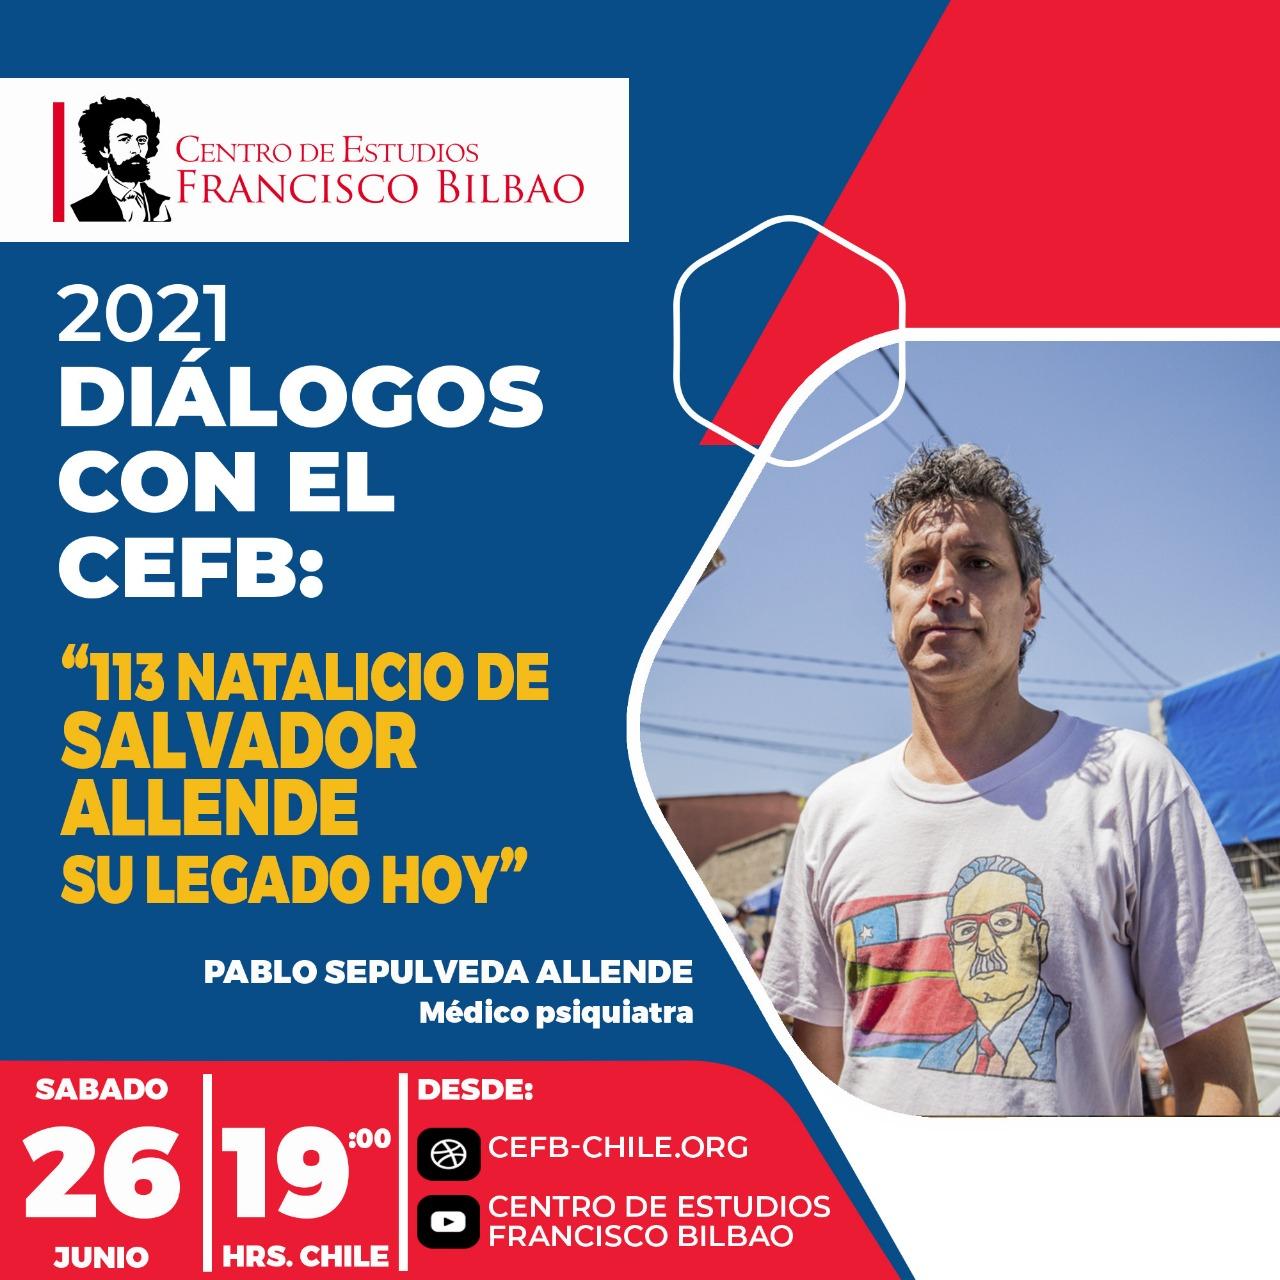 Diálogo con el CEFB: 113 natalicio de Salvador Allende, su legado hoy con Pablo Sepúlveda Allende.